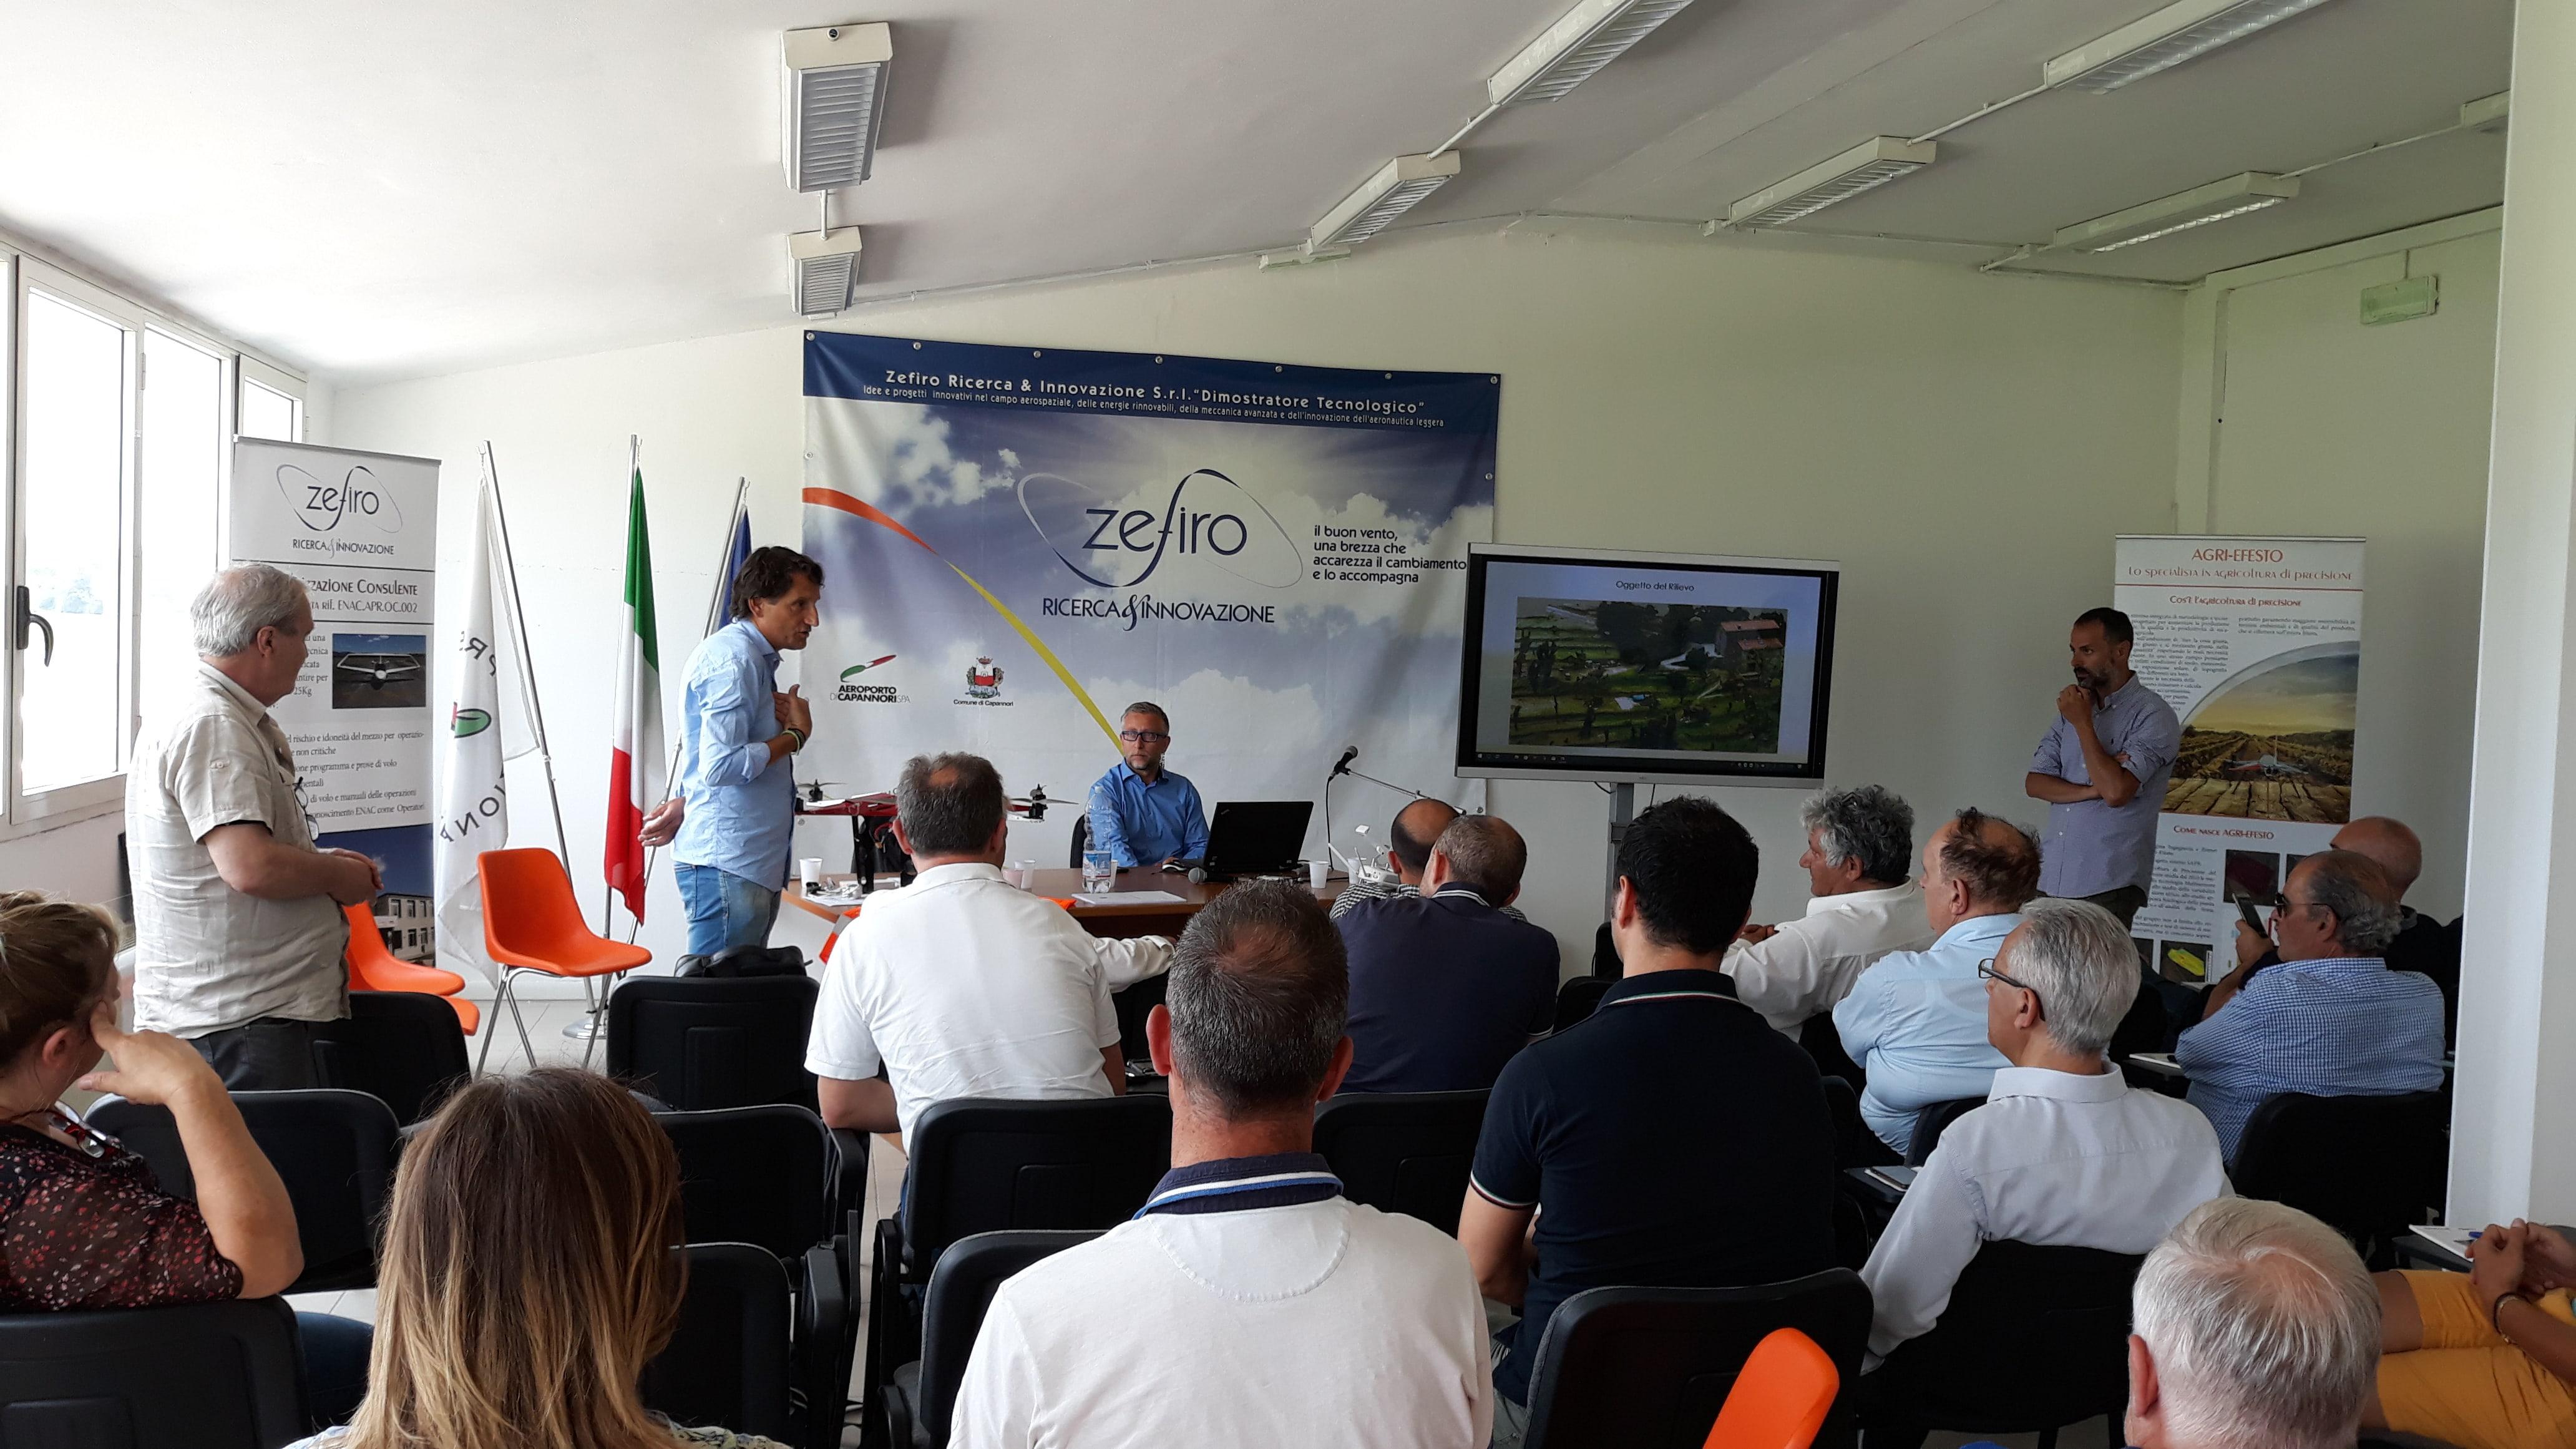 Seminario presso Zefiro R&I sui SAPR organizzato dall'Ordine degli ingegneri della provincia di Lucca